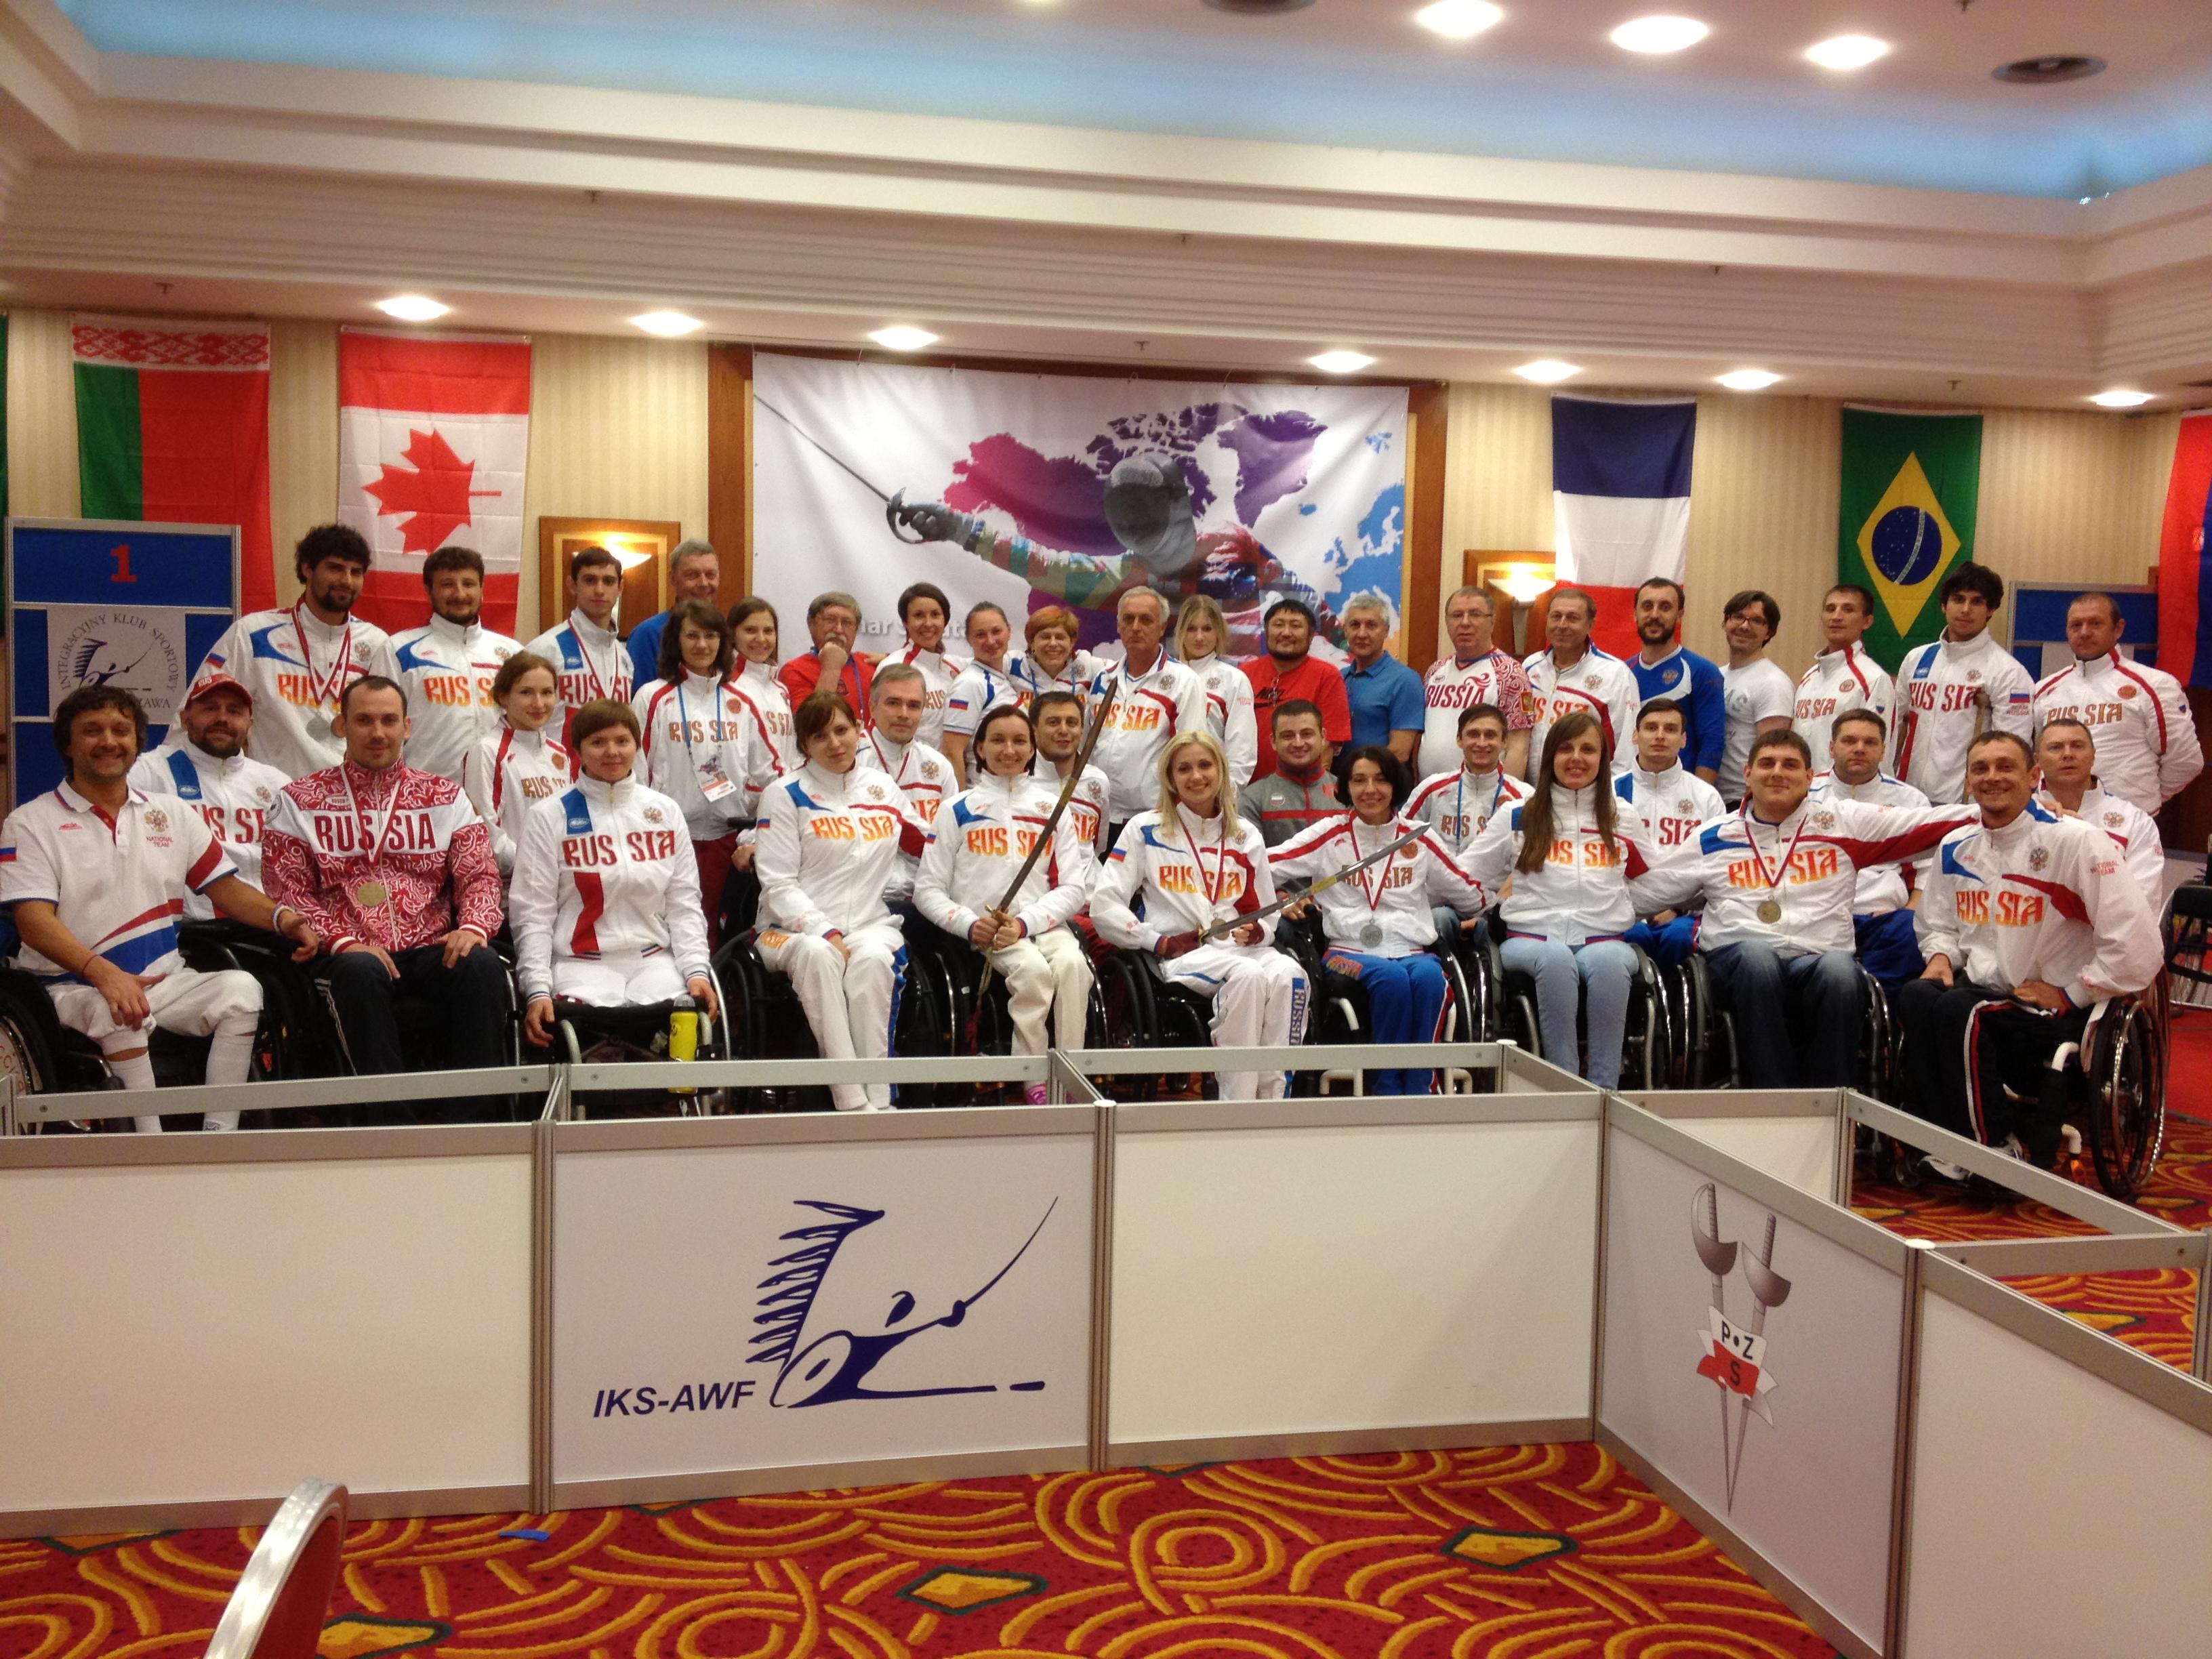 Российские фехтовальщики выиграли 4 золотые, 5 серебряных и 11 бронзовых медалей Кубка мира в Польше, заняв первое общекомандное место